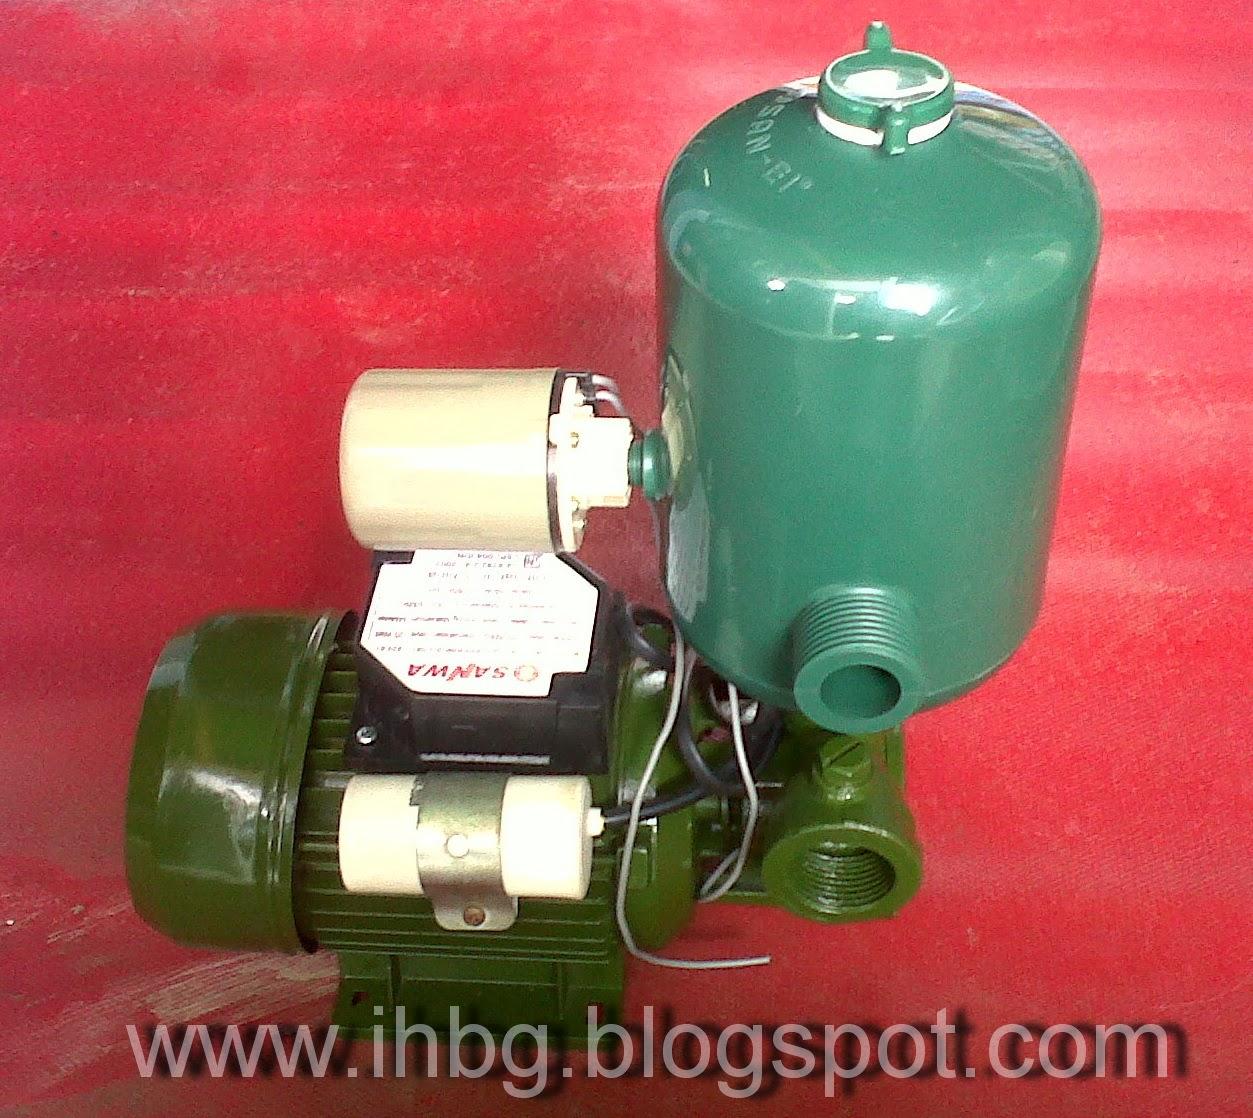 Alat Otomatis Pompa Air solusi hemat listrik - INFO HARGA ...